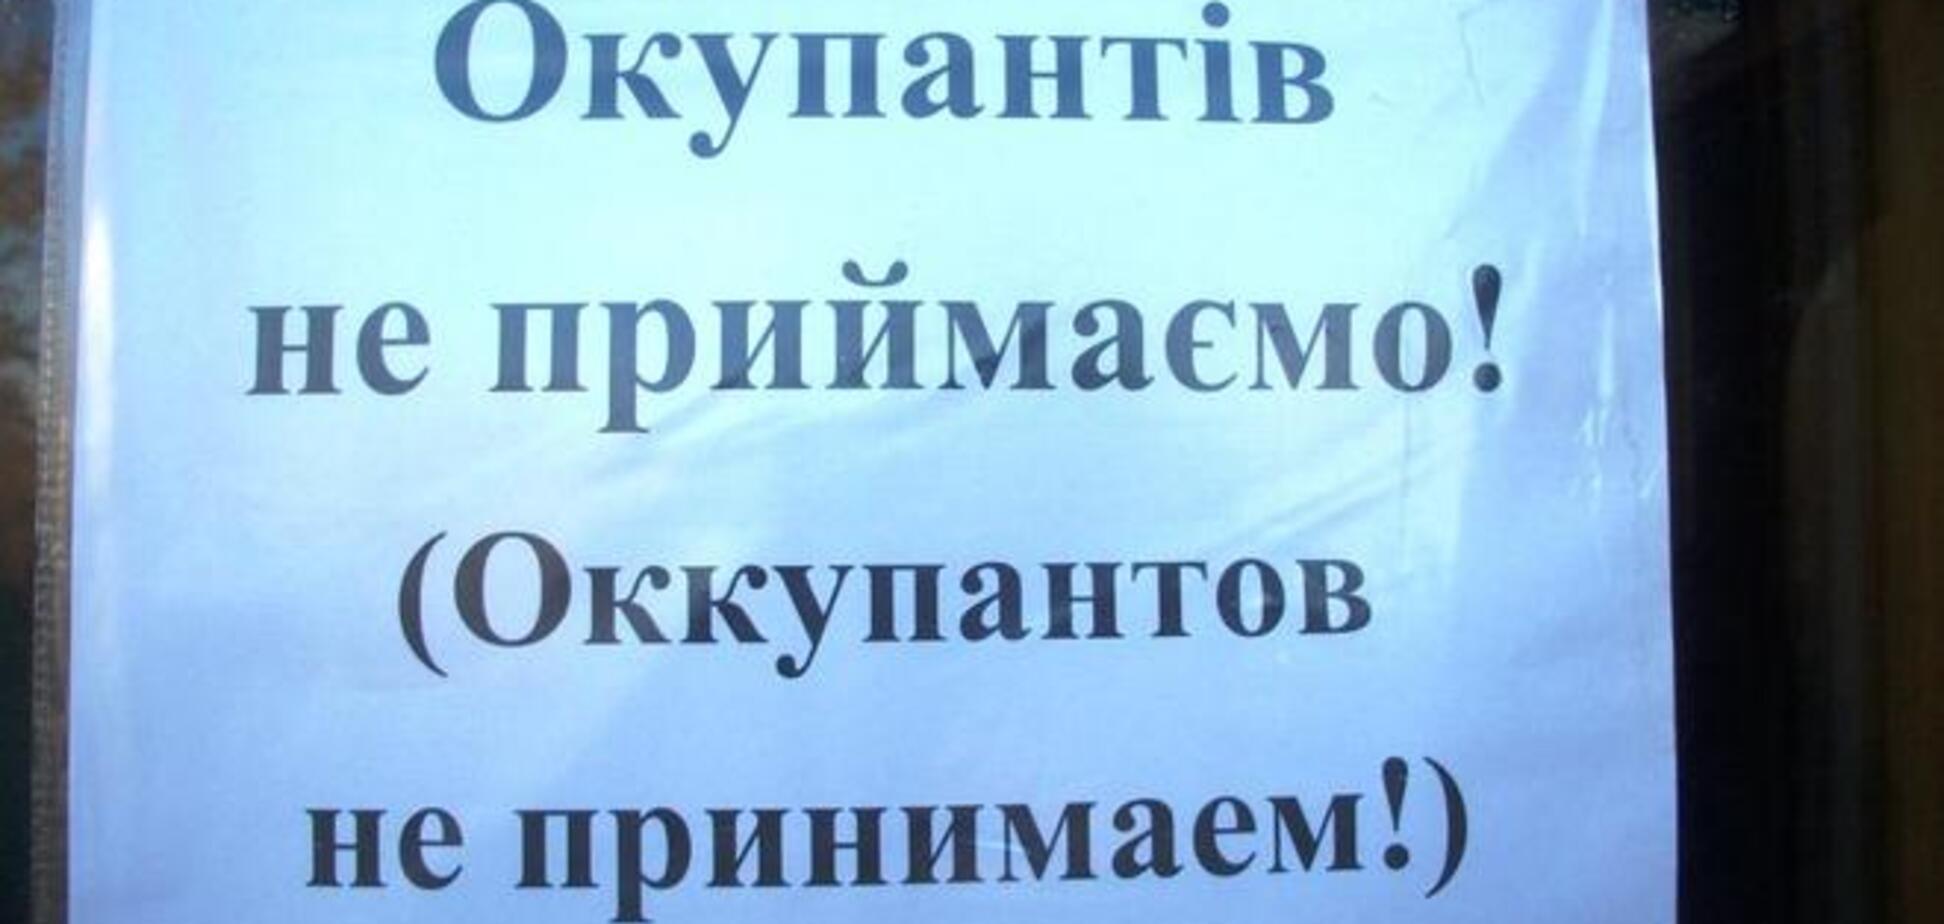 Отель в Трускавце отказался принимать россиян: фотофакт